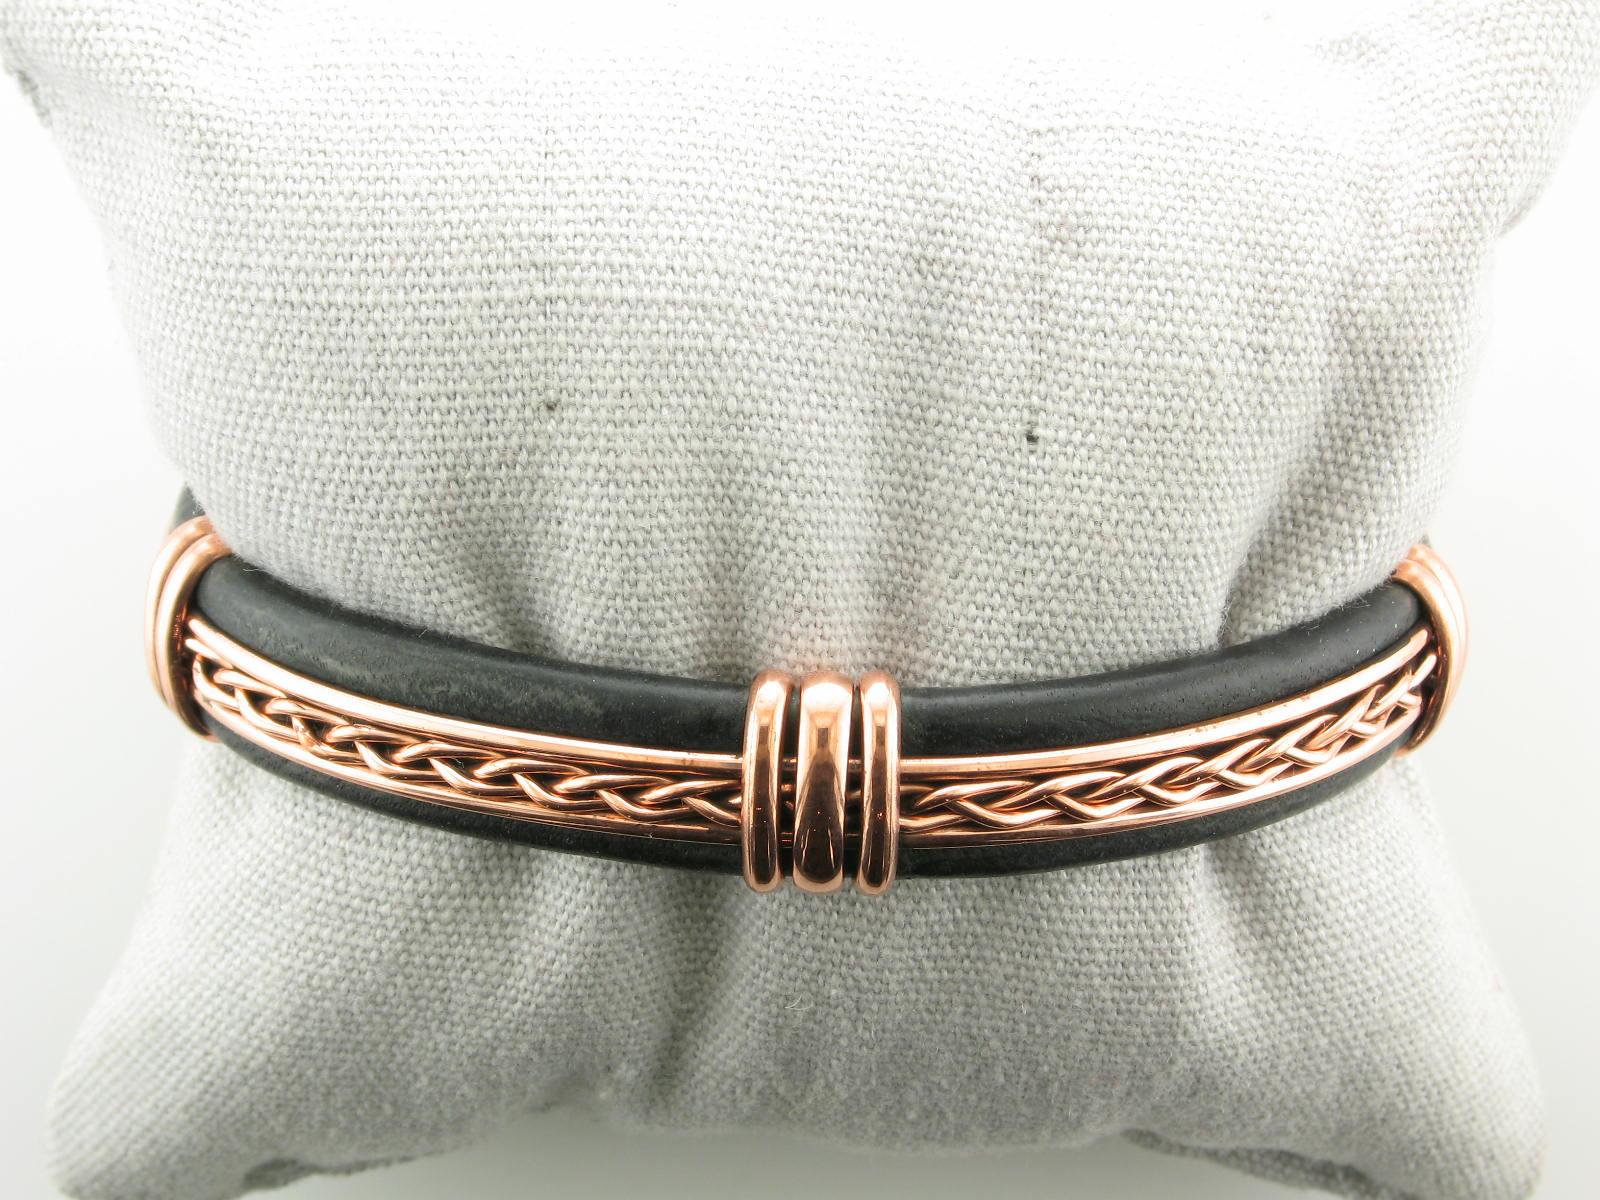 Copper & Black Leather Cuff Bracelet